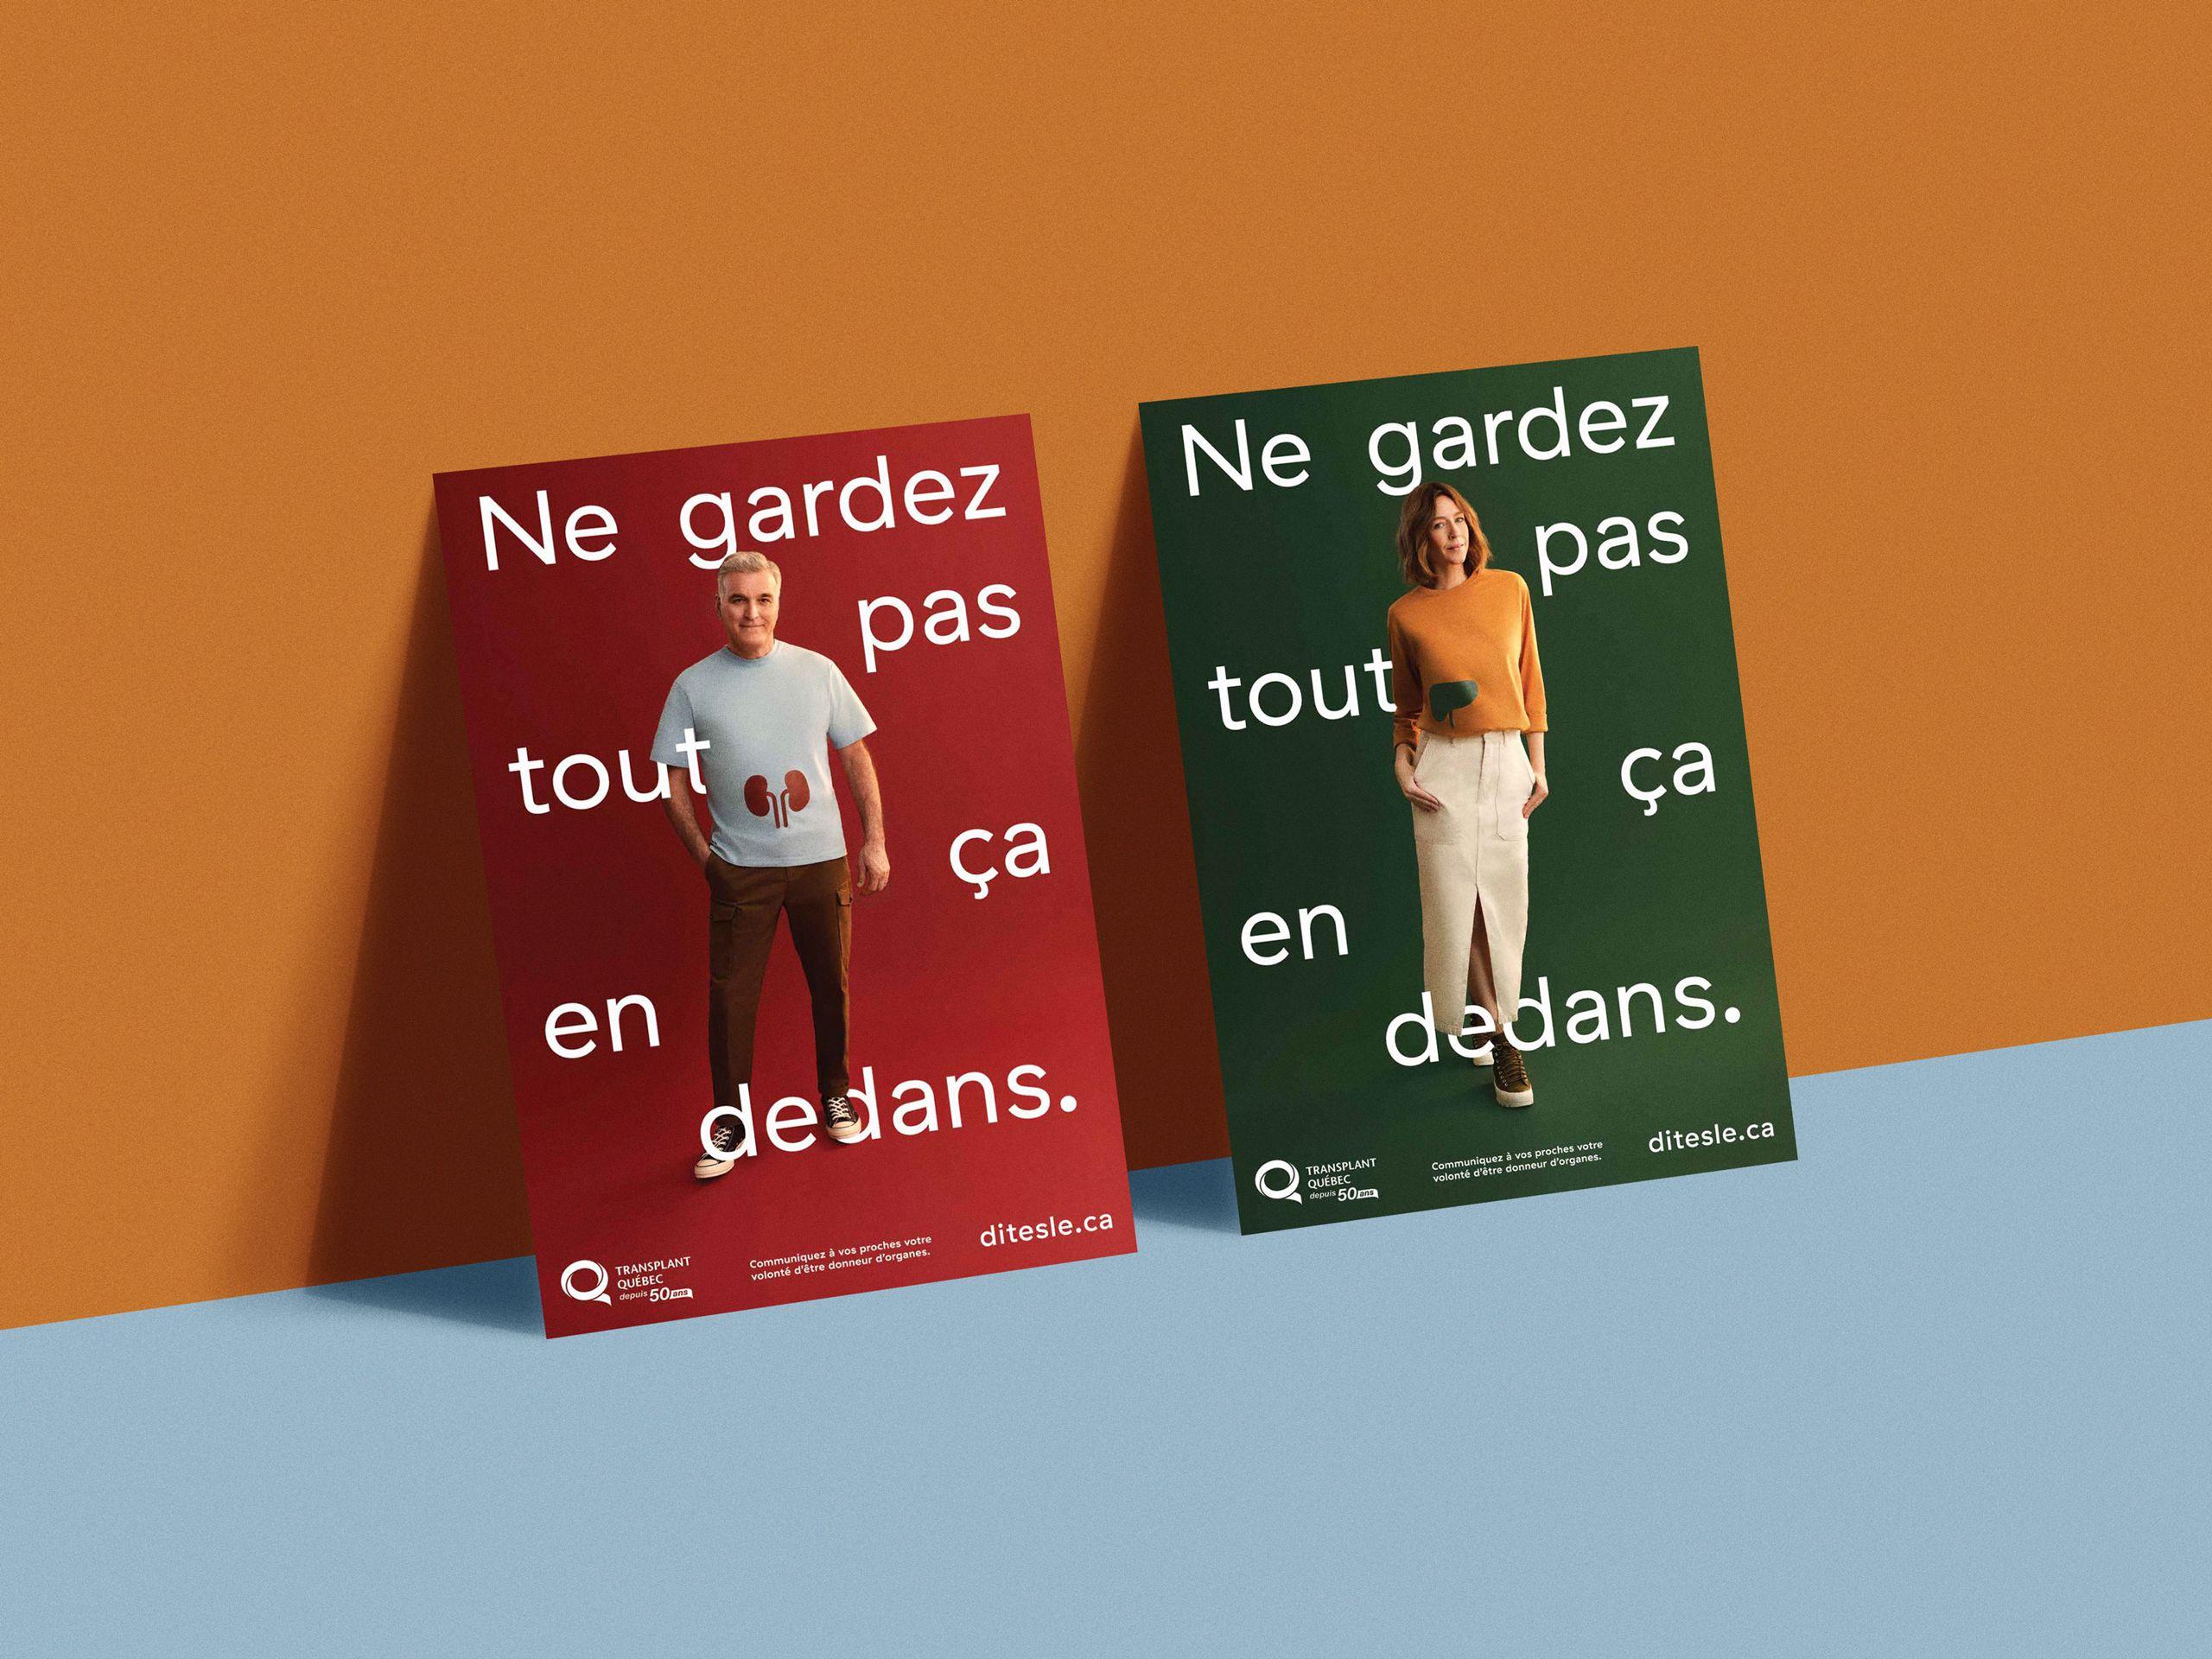 Image de deux affiches. Sur chaque affiche, on voit un mannequin portant une chemise sur laquelle est illustrée une organe vital. Le fond est orange et bleu pâle.